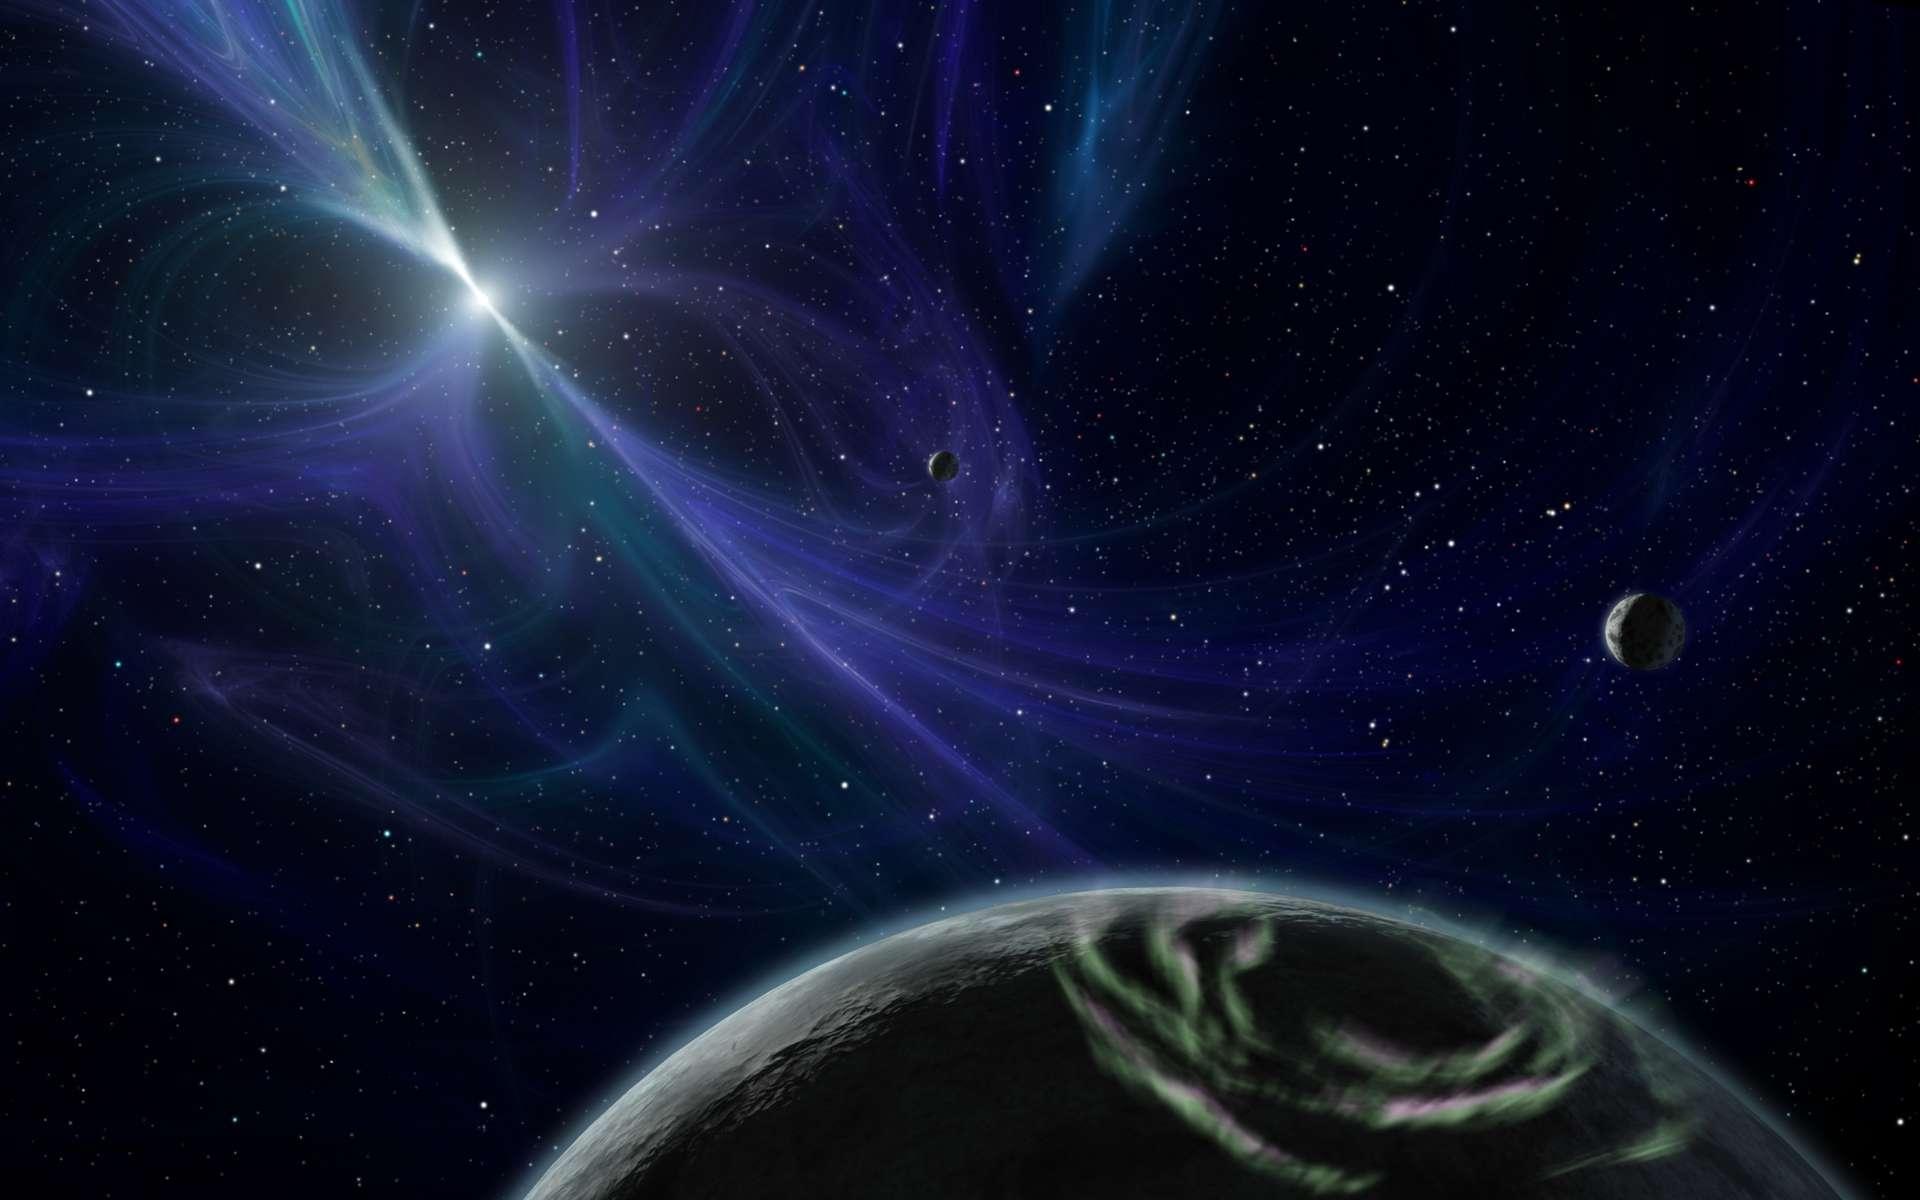 Une vue d'artiste des trois exoplanètes, dont deux superterres, autour du pulsar PSR B1257+12. © Nasa